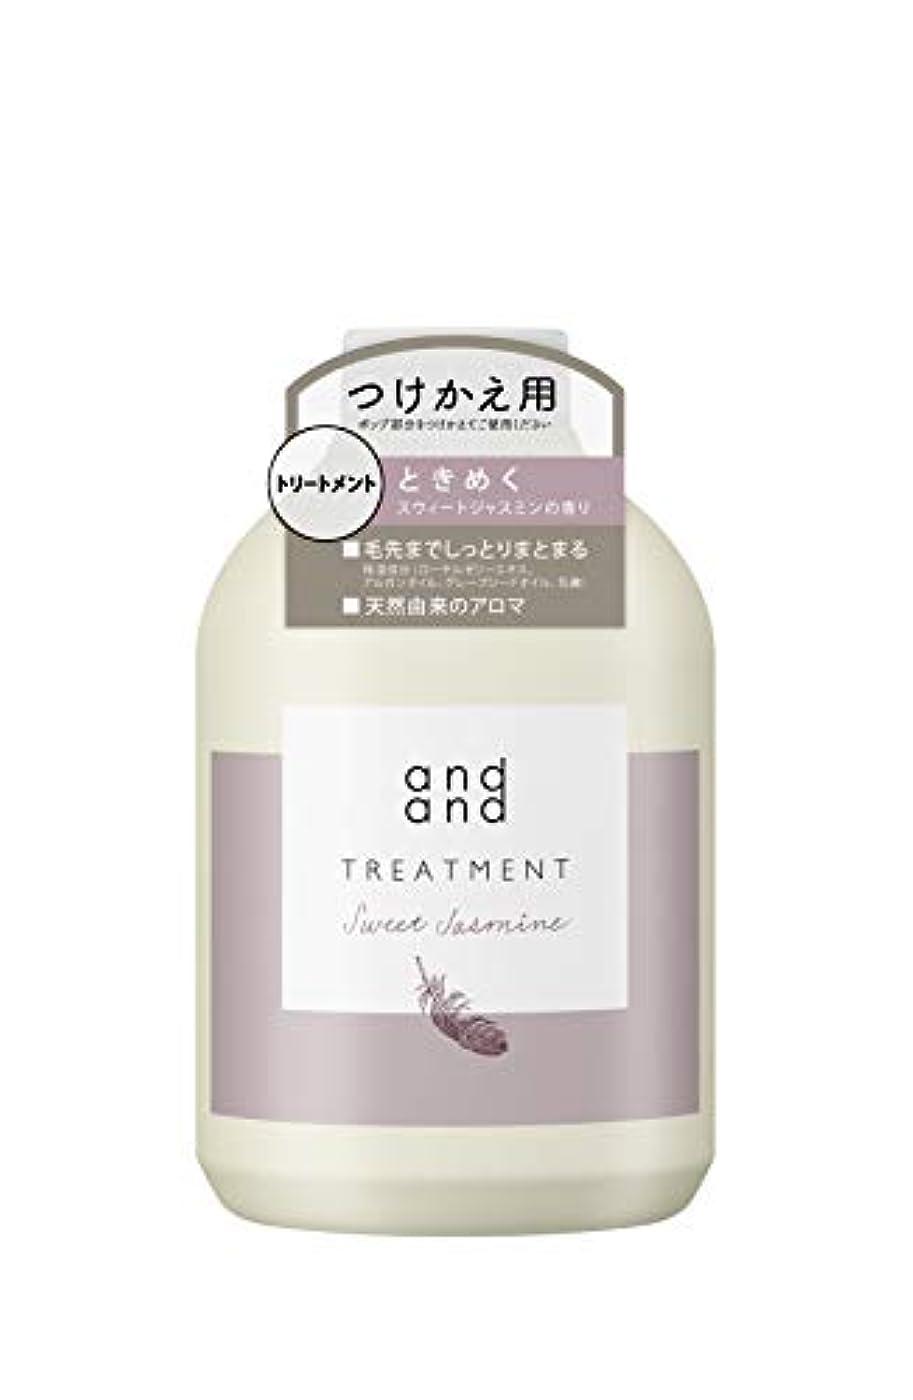 結婚した下介入するandand(アンドアンド) ときめく[ノンシリコーン処方] トリートメント スウィートジャスミンの香り 詰替え用 480ml